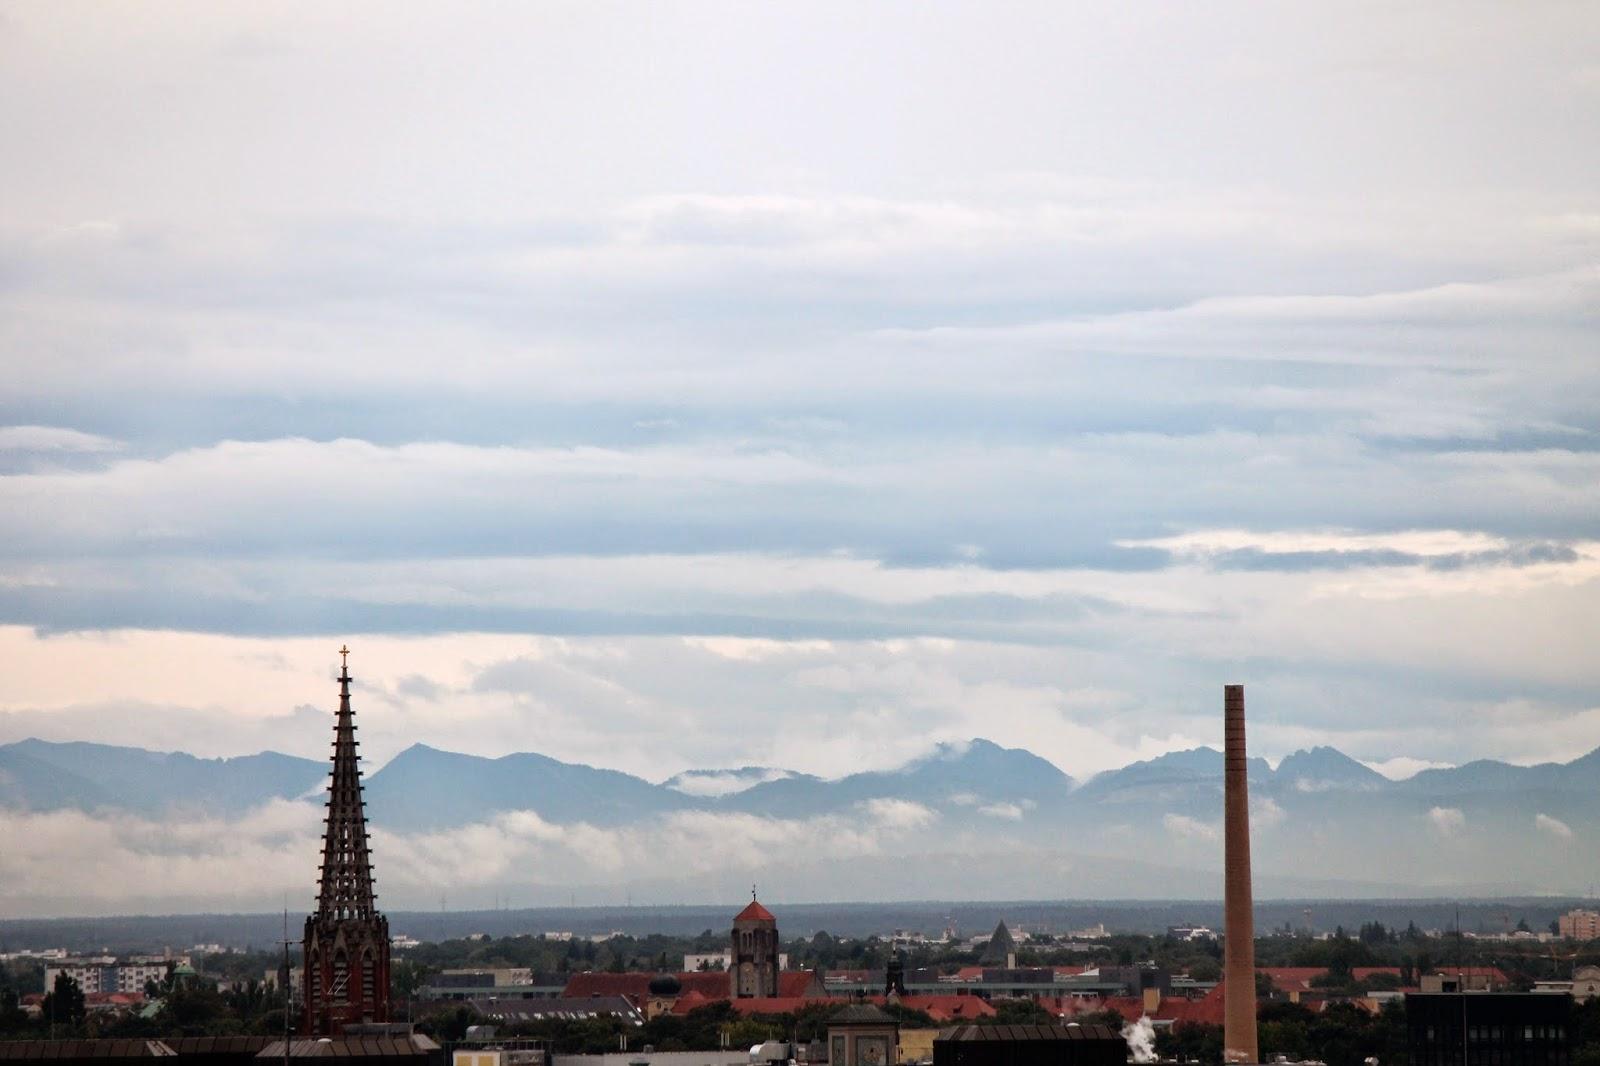 Vista de los Alpes desde la torre del ayuntamiento. ¡Munich! en Hitzen Mundua